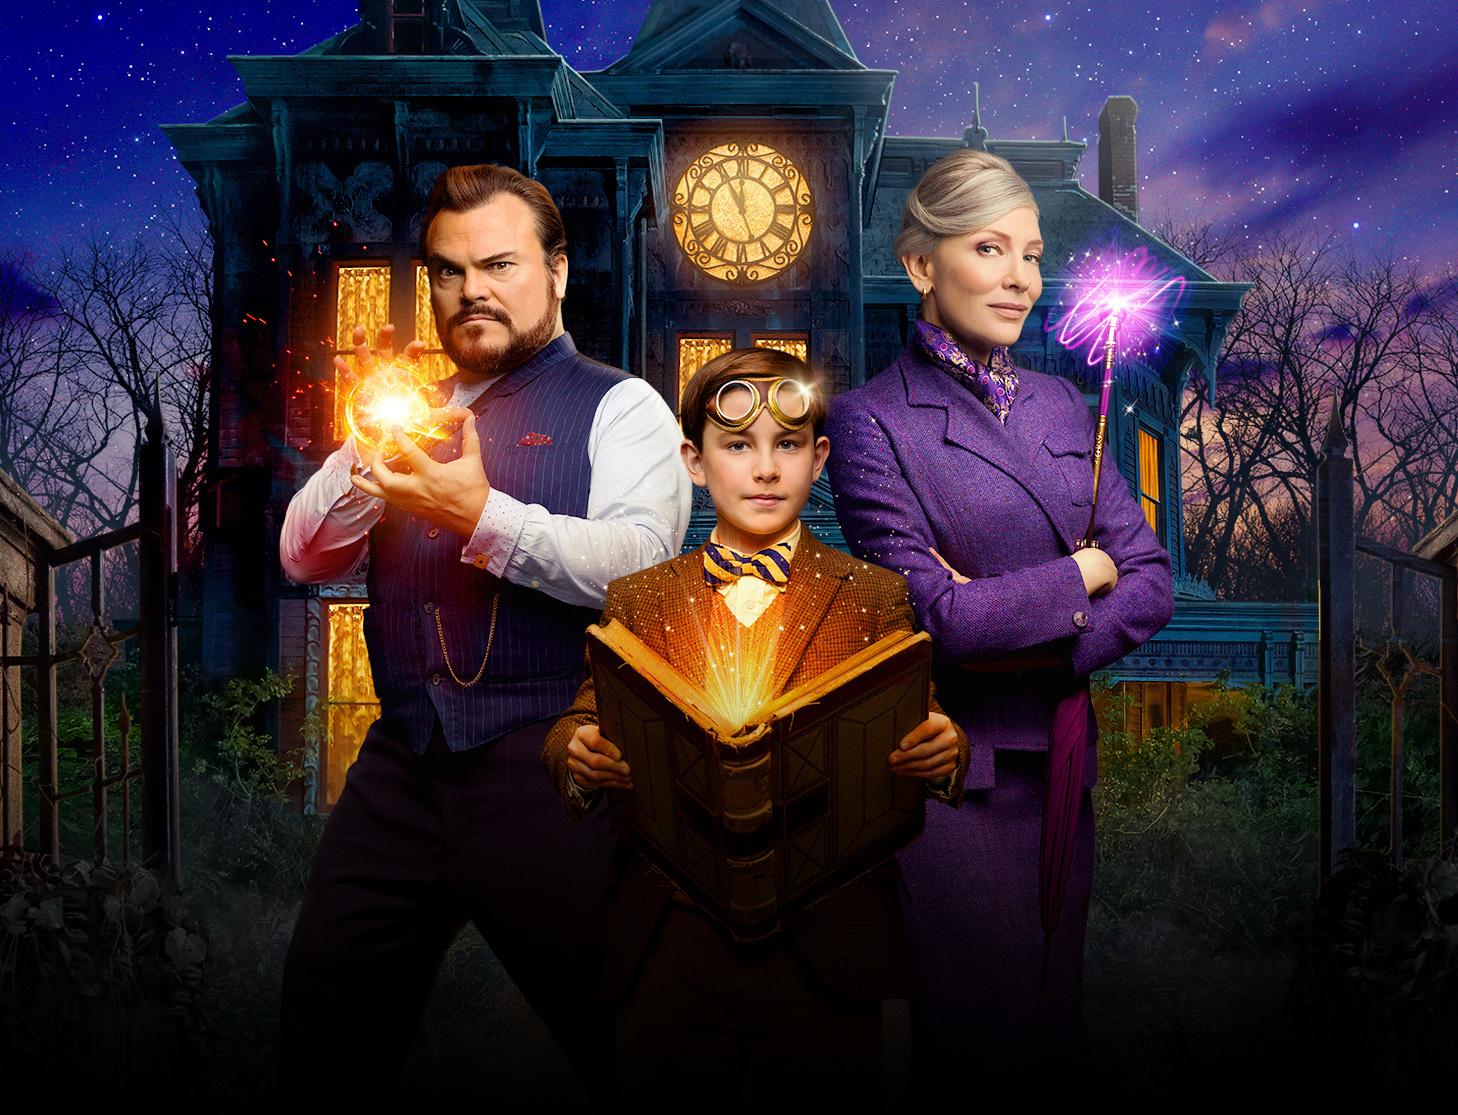 O Mistério do Relógio na Parede estreia em 1º lugar na América do Norte